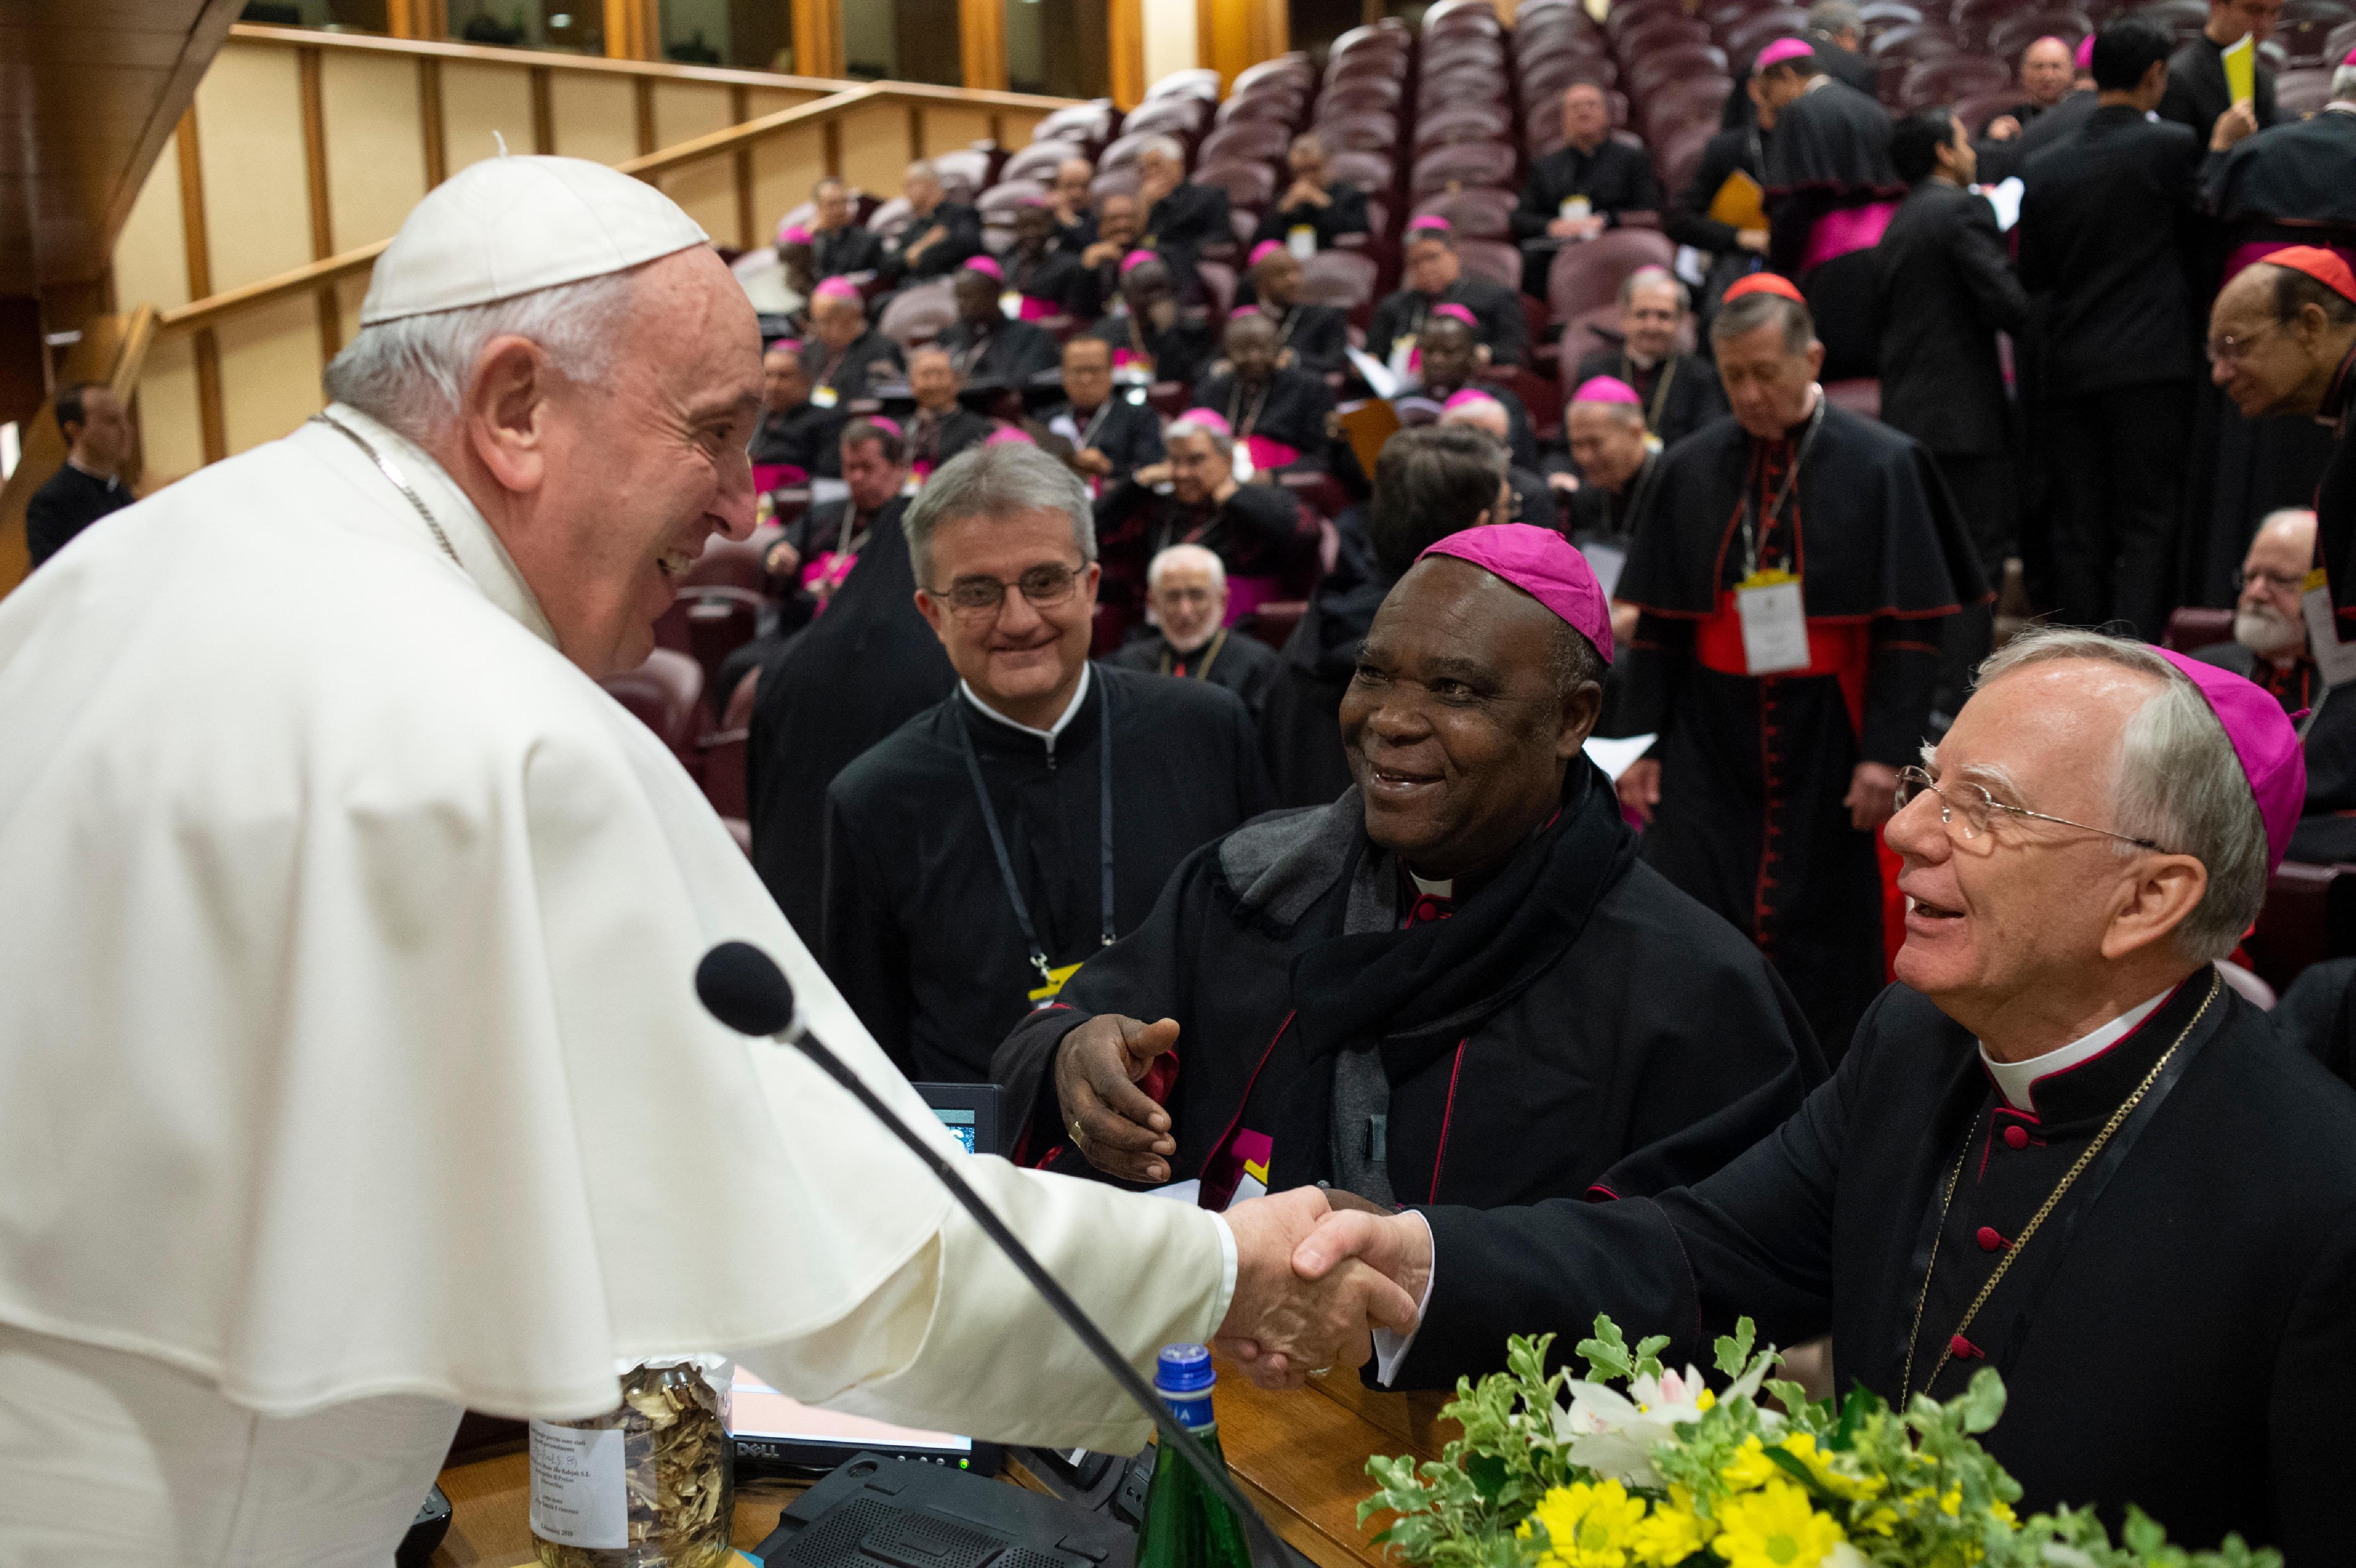 Poczuwamy się do odpowiedzialności. W Watykanie trwa konferencja o ochronie małoletnich w Kościele